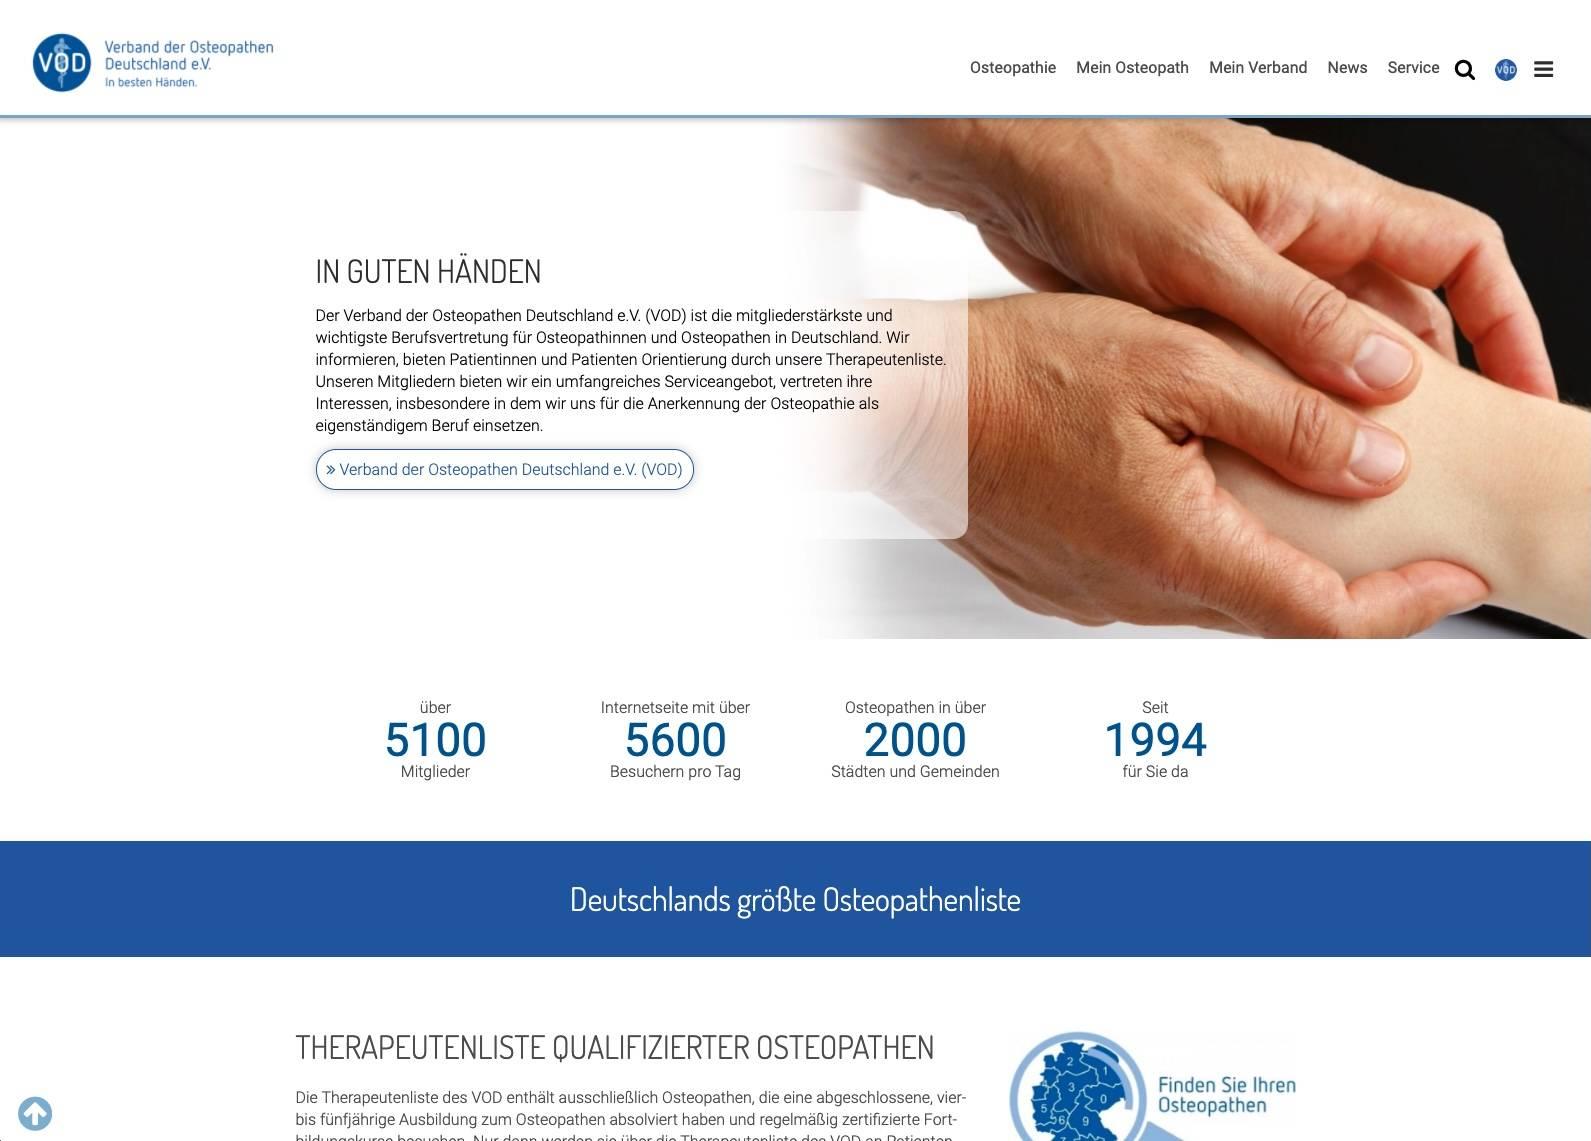 Verband der Osteopathen Deutschland e.V.: Osteopath